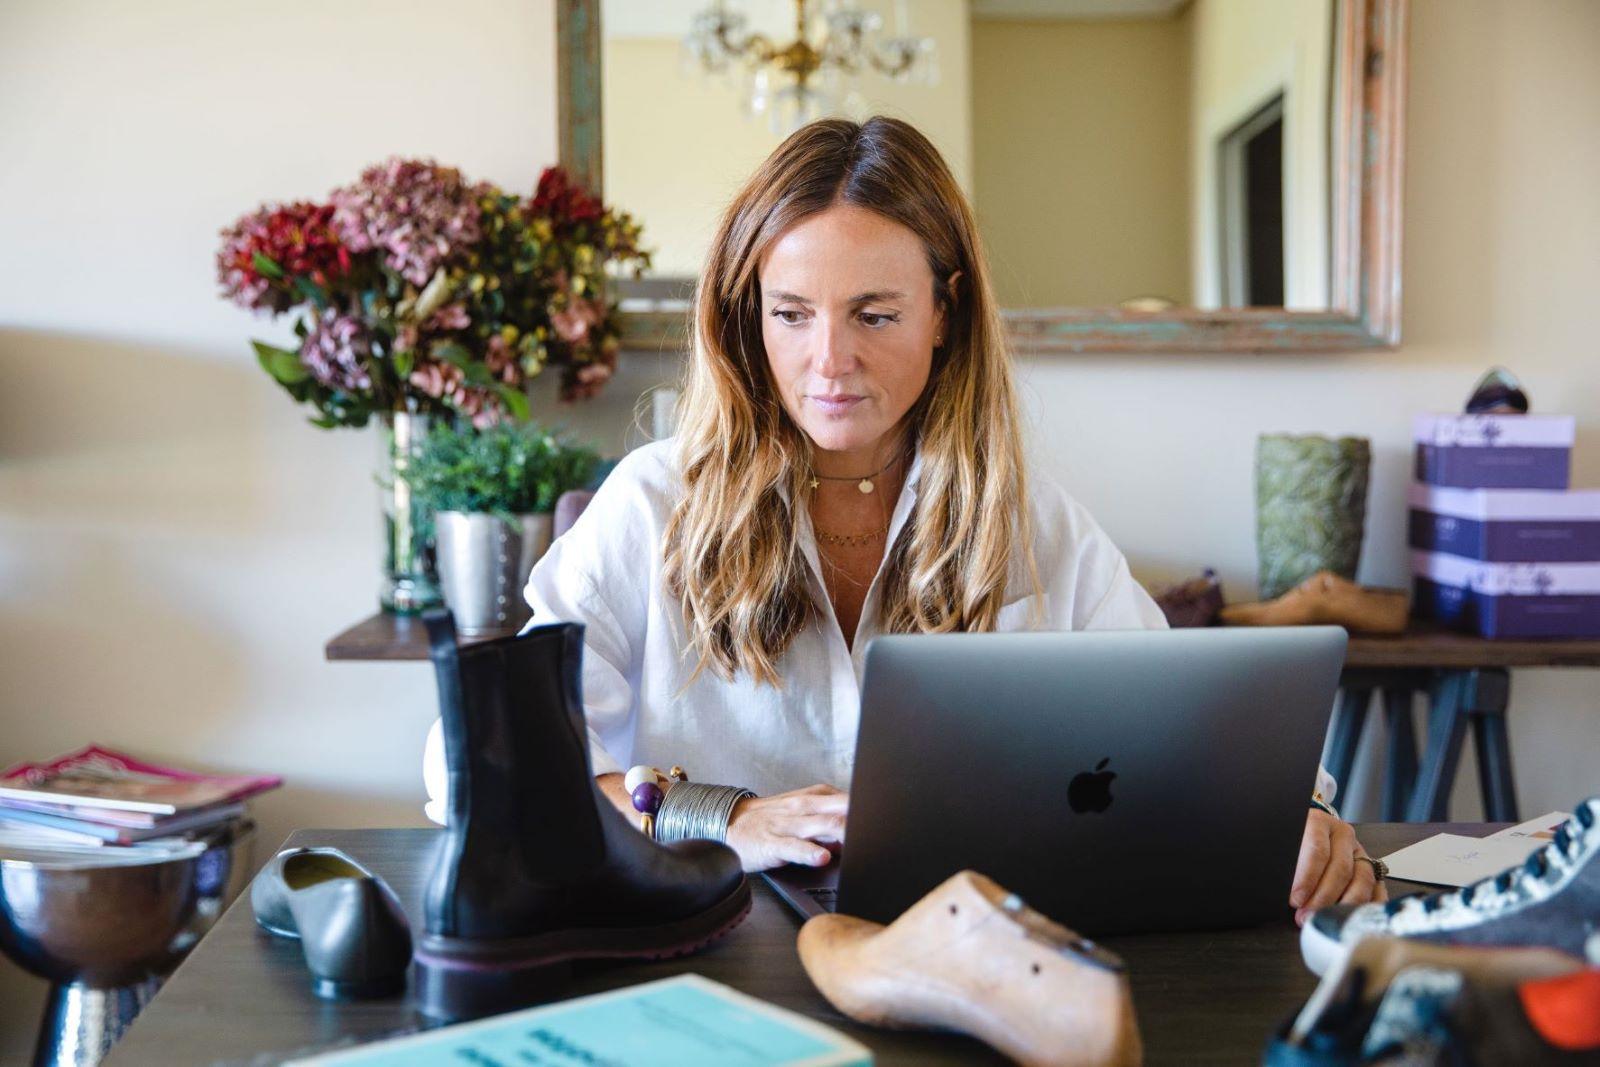 Bárbara Bermejo, creadora de la firma de calzado Quiero unas Bobos, trabajando en su casa de Madrid.